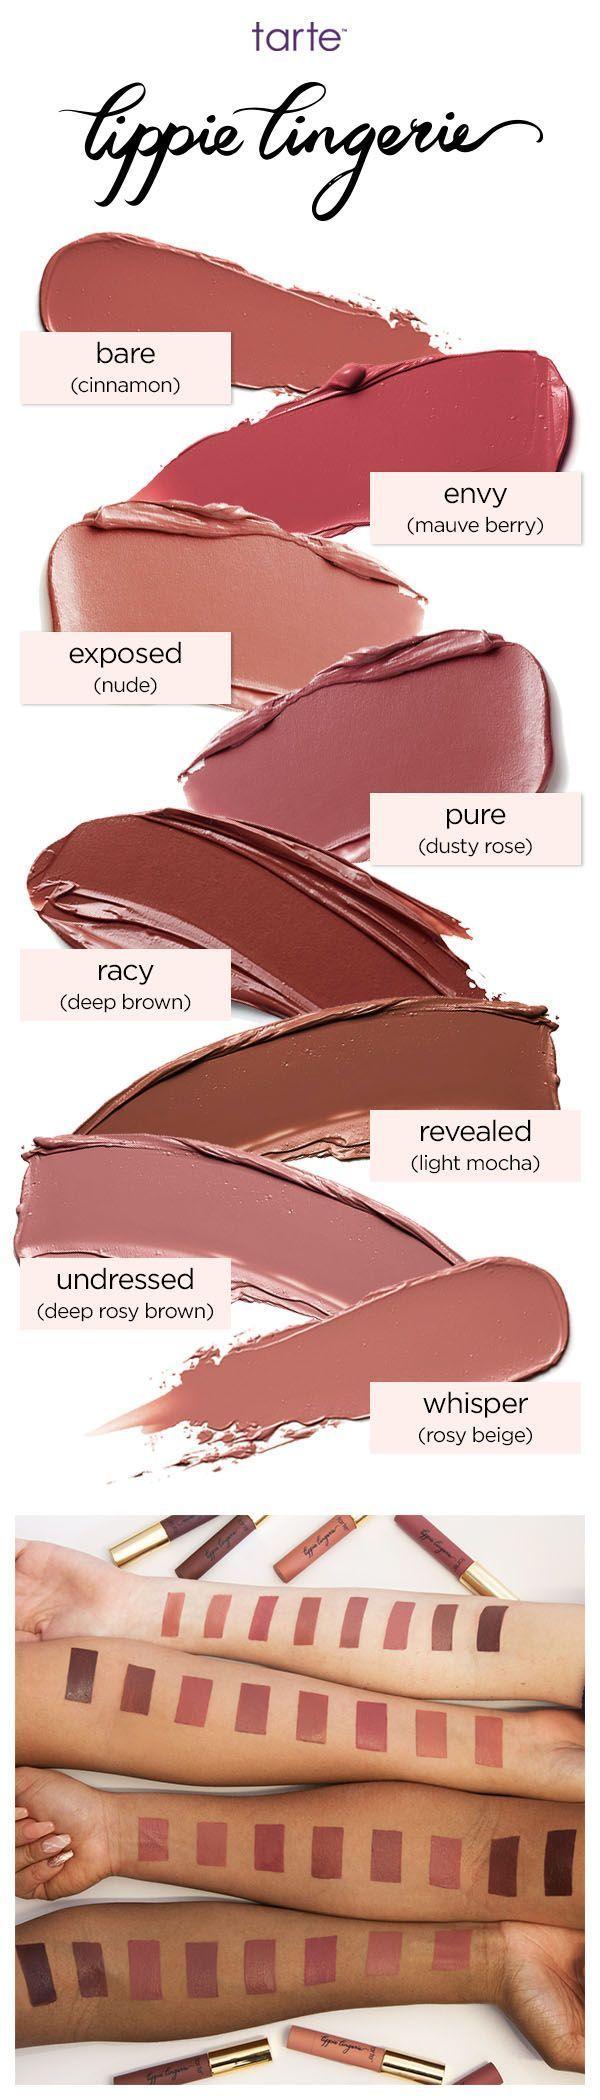 Lippie Lingerie Matte Tint Is A Longwearing Hydrating Lip Favorit Xo 55 In Range Of 8 Sexy Nude Shades Tartecosmetics Tarte